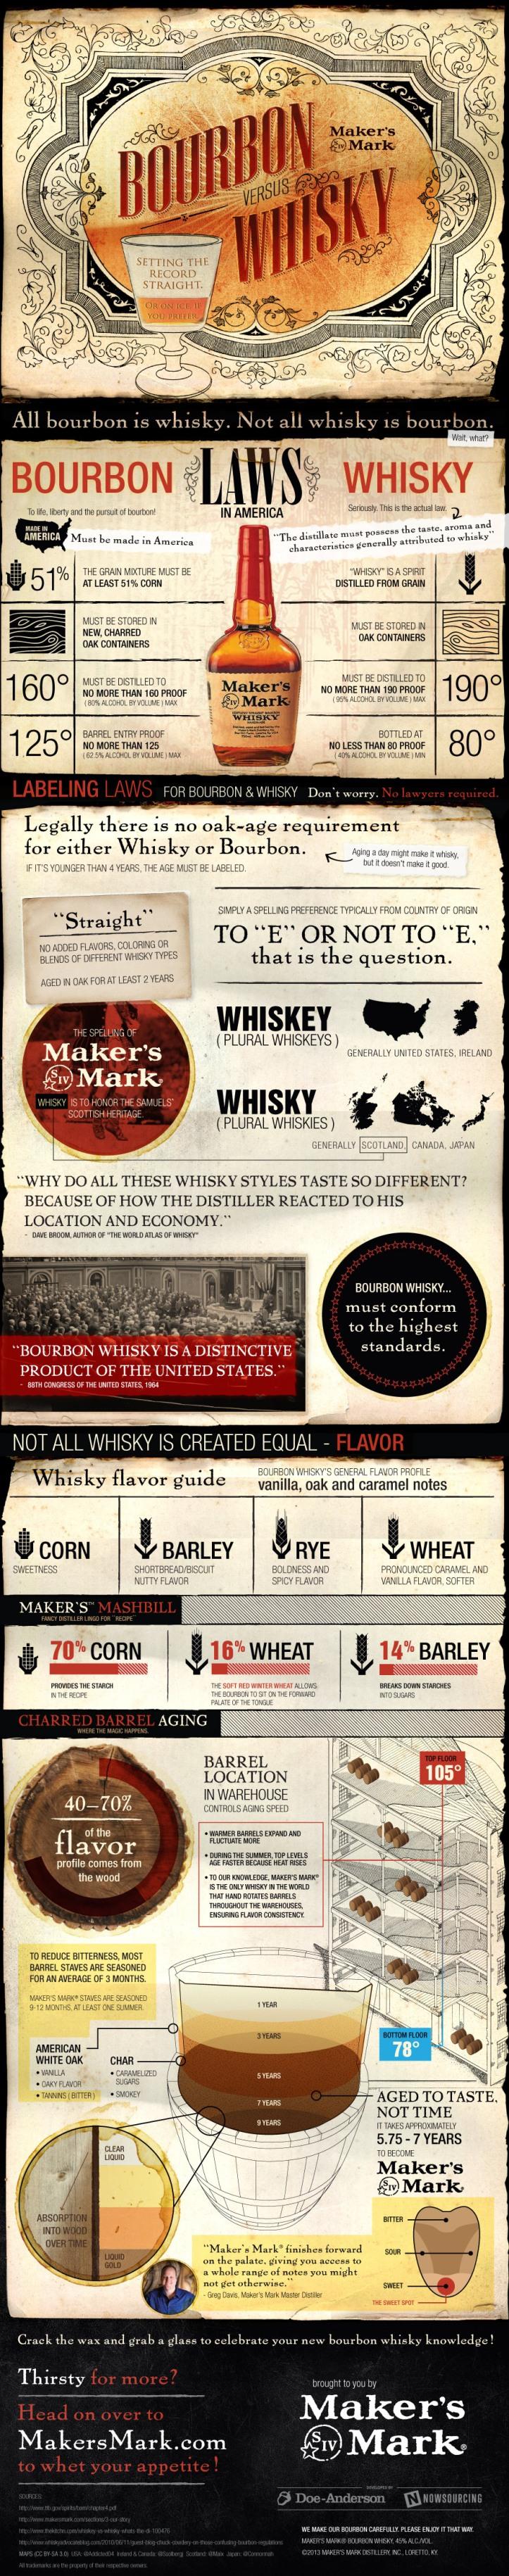 whisky-bourbon-2e-920-1.74